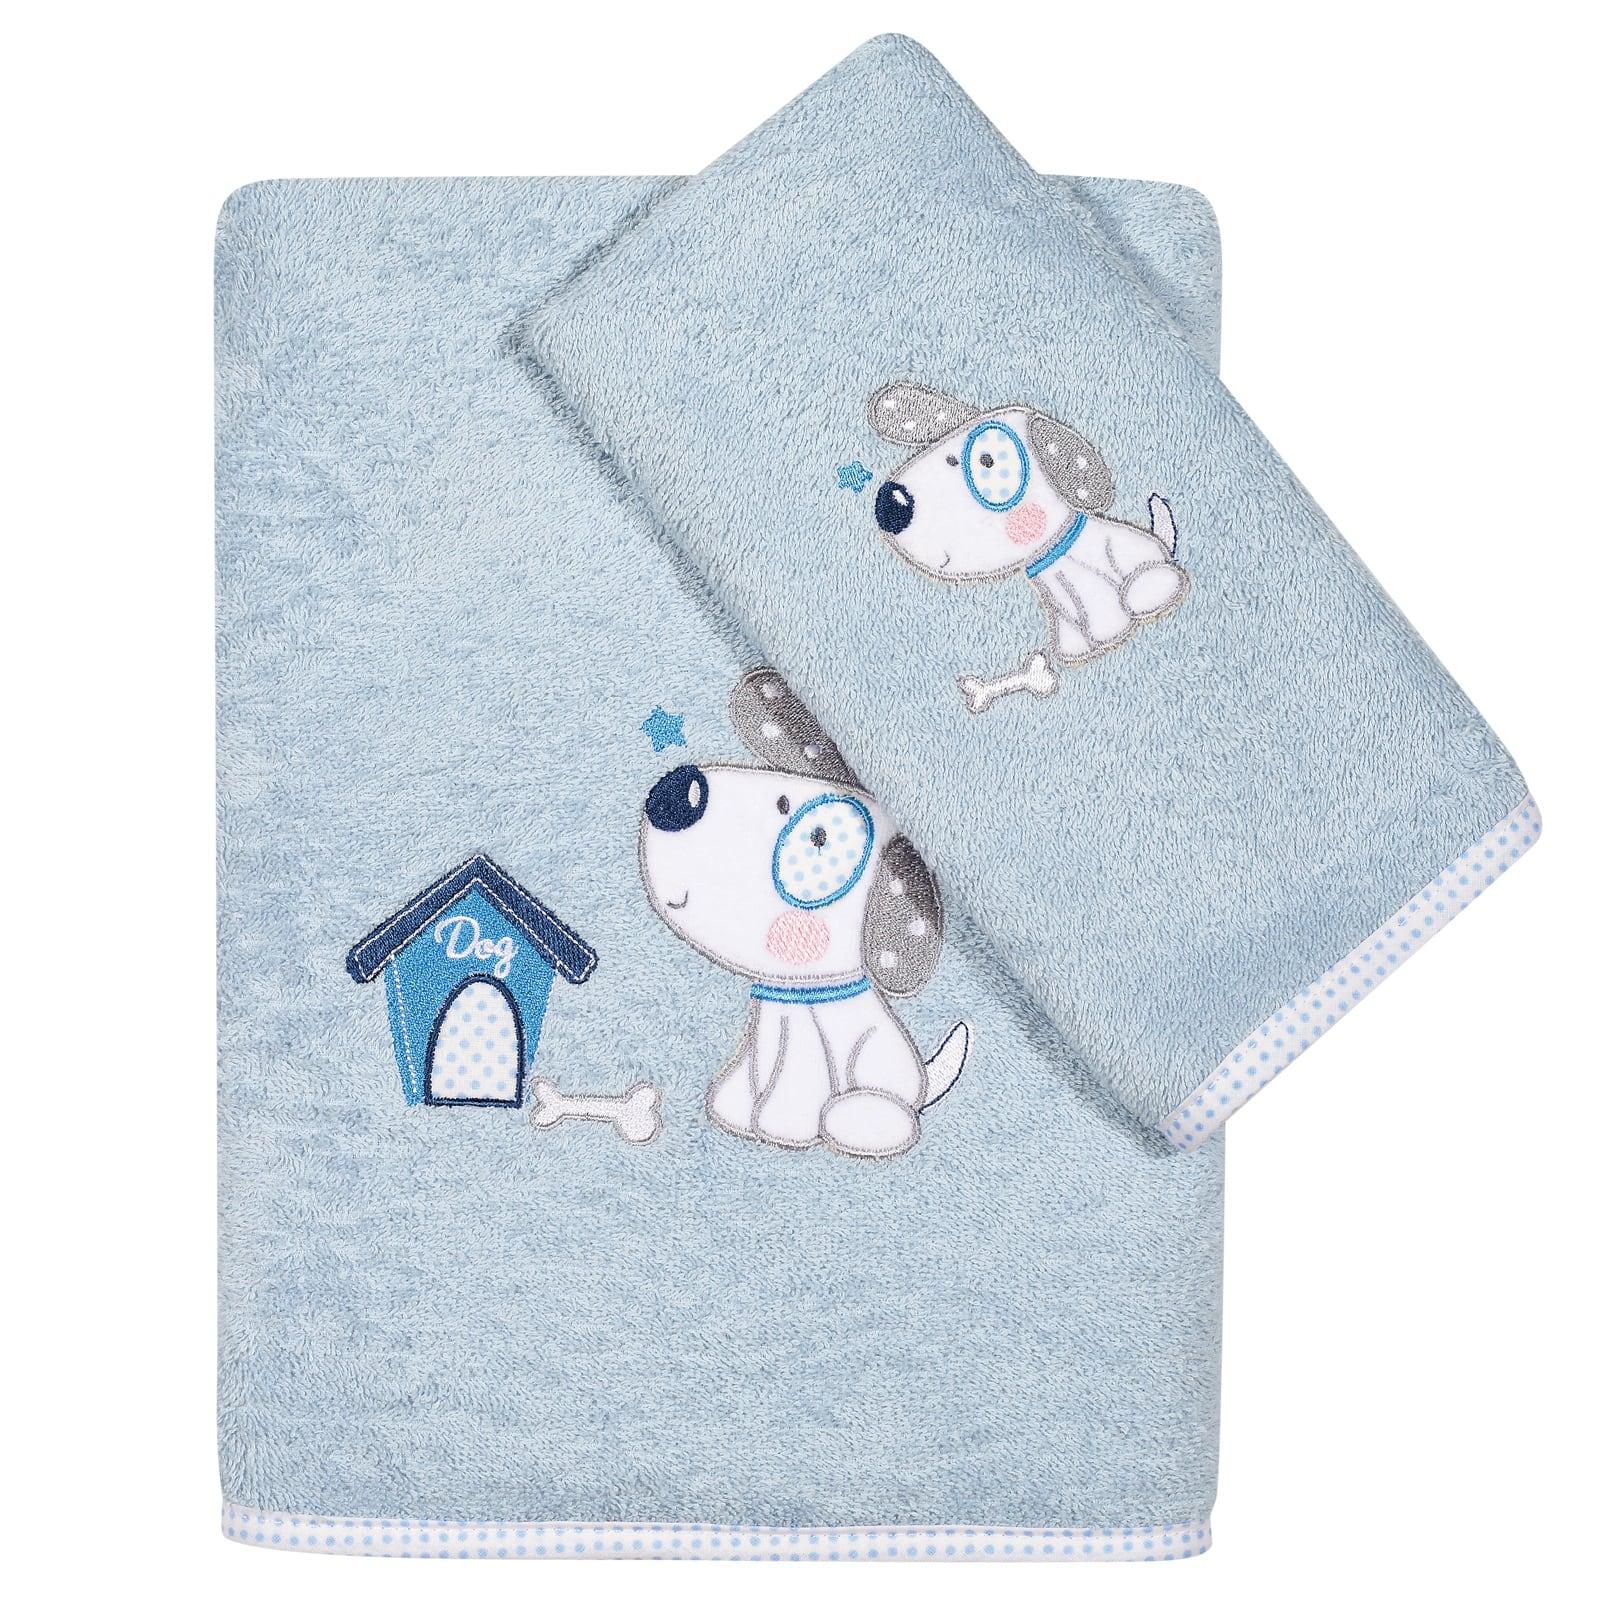 Πετσέτες Βρεφικές Κεντητές 6575 Σετ 2τμχ Baby Smile Embroidery Light Blue Das Baby Σετ Πετσέτες 70x140cm